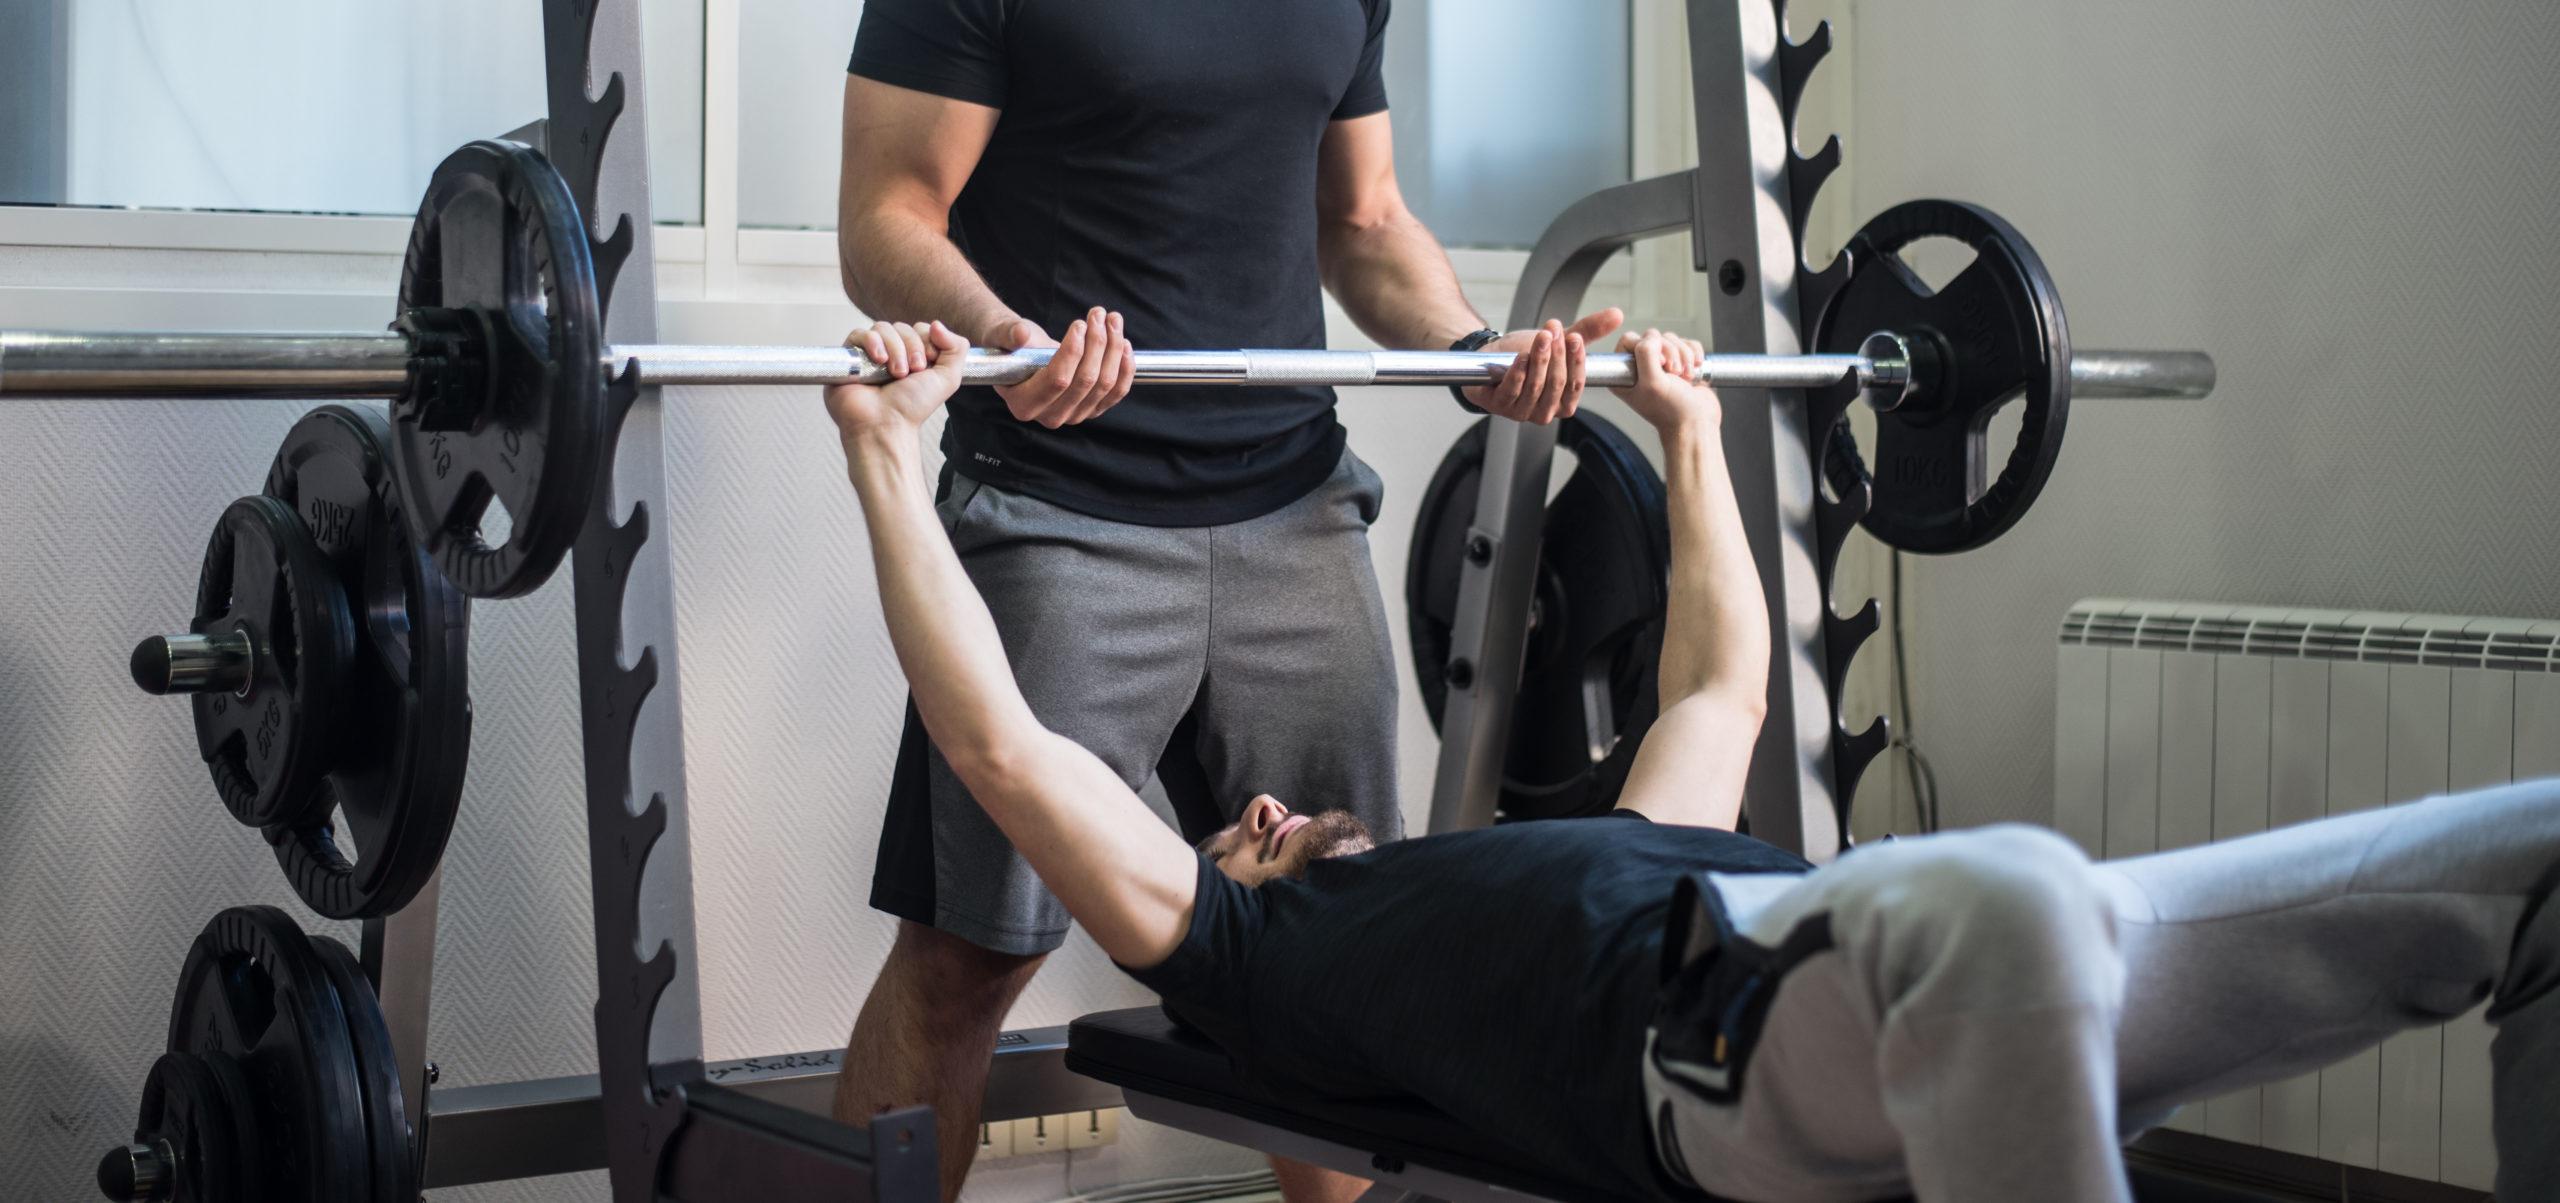 Machines de musculation pour le haut du corps ?